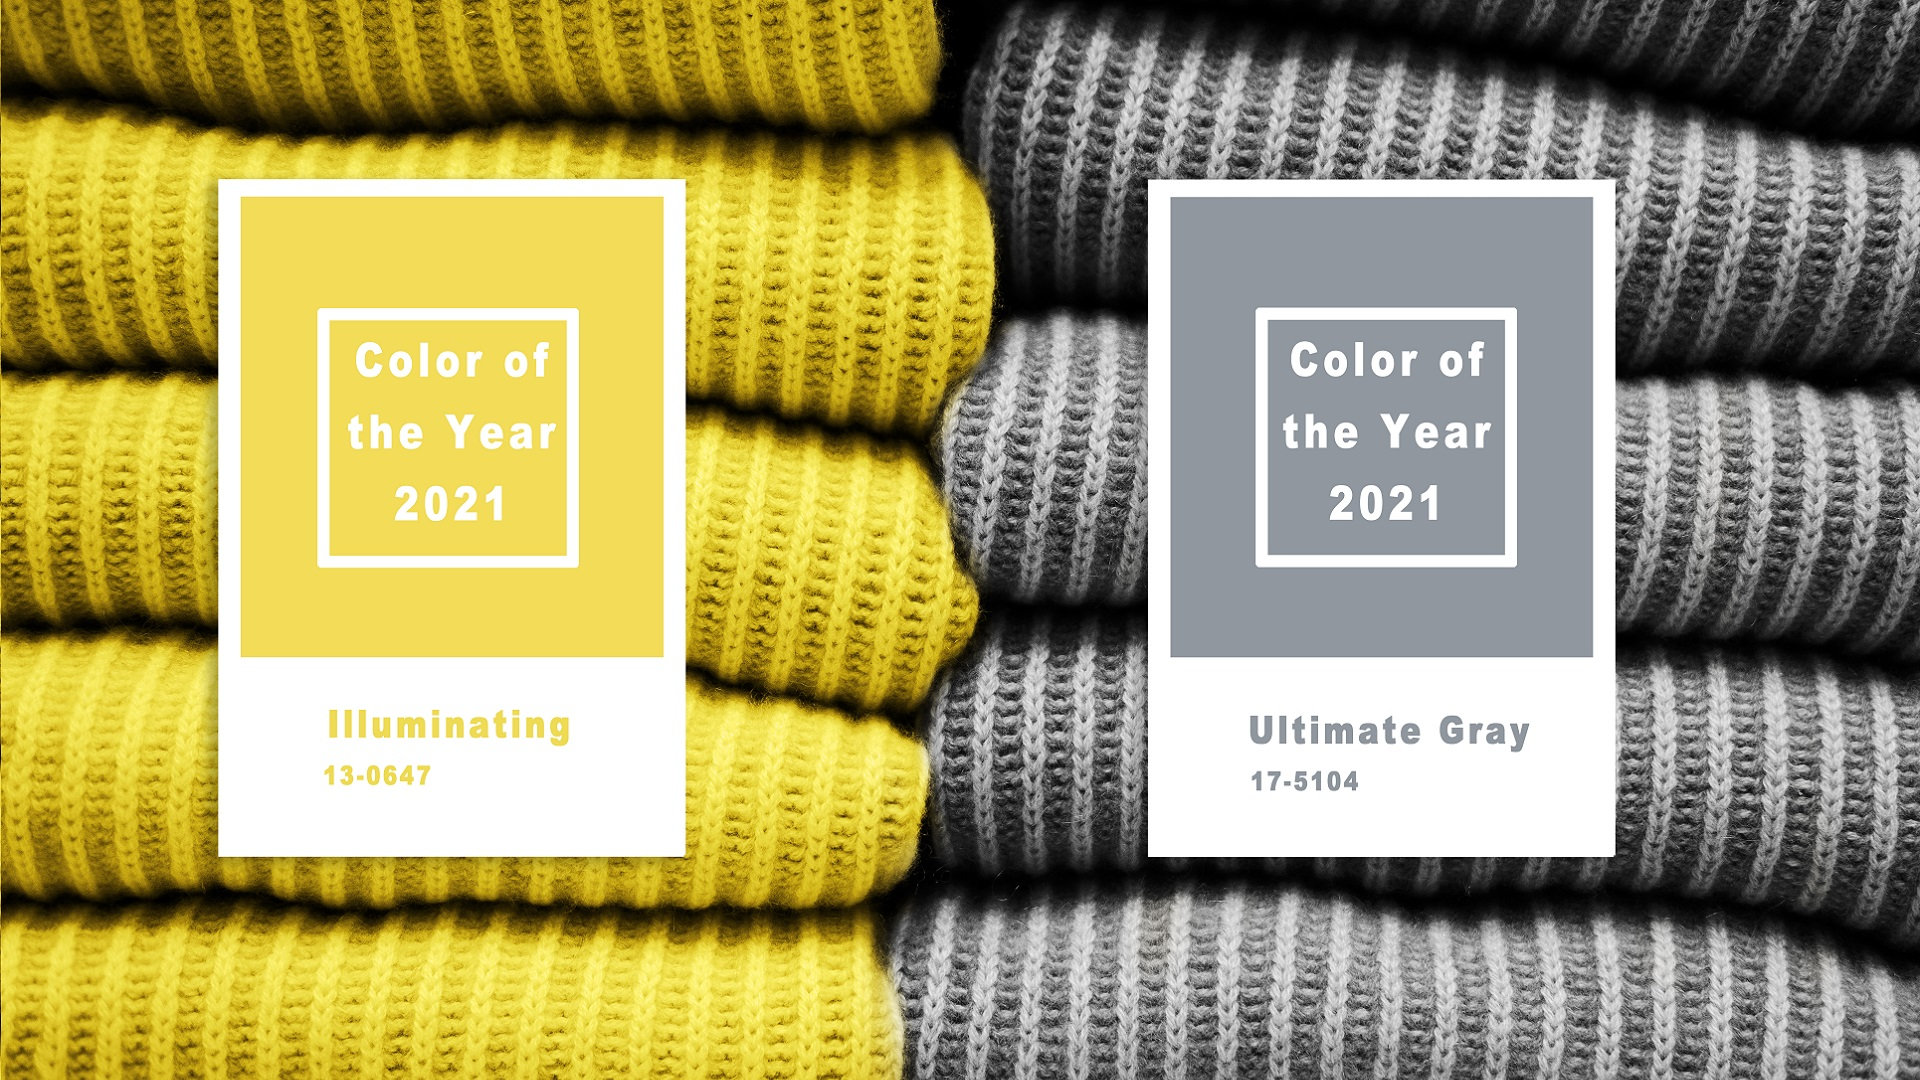 Los colores de Pantone para 2021: Illuminating y Ultimate Grey